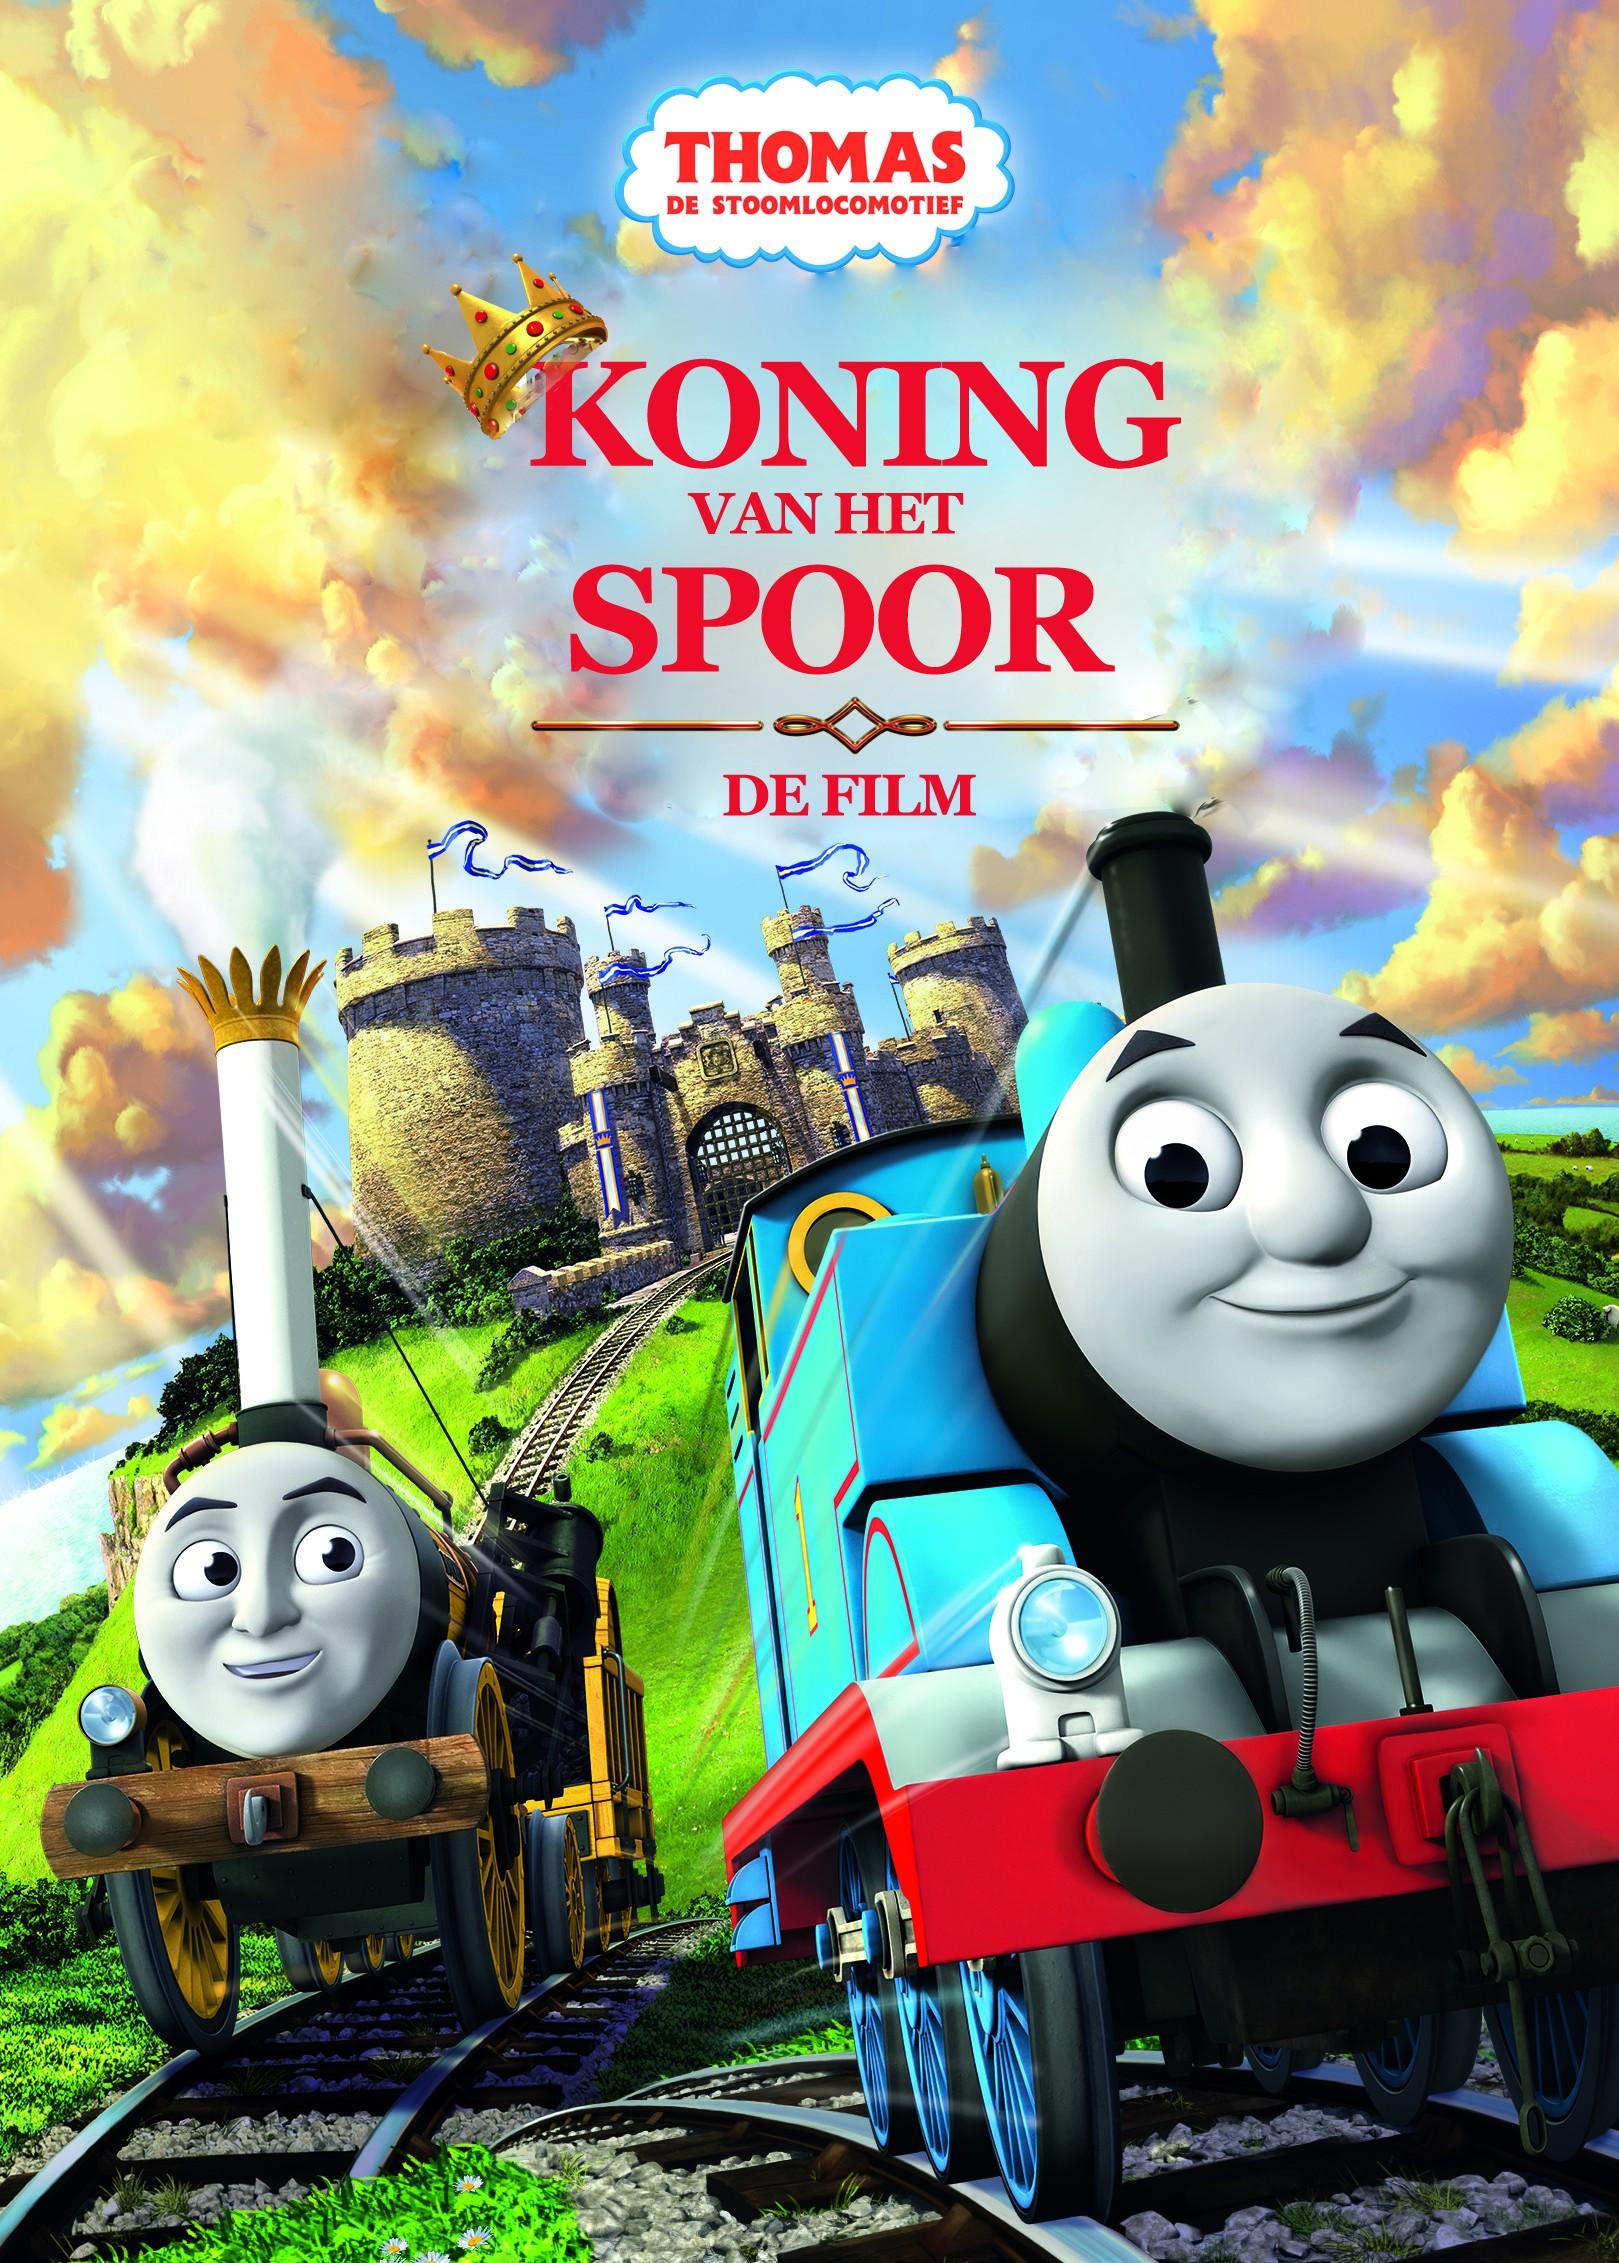 thomas koning van het spoor, nieuwe film van thomas de trein